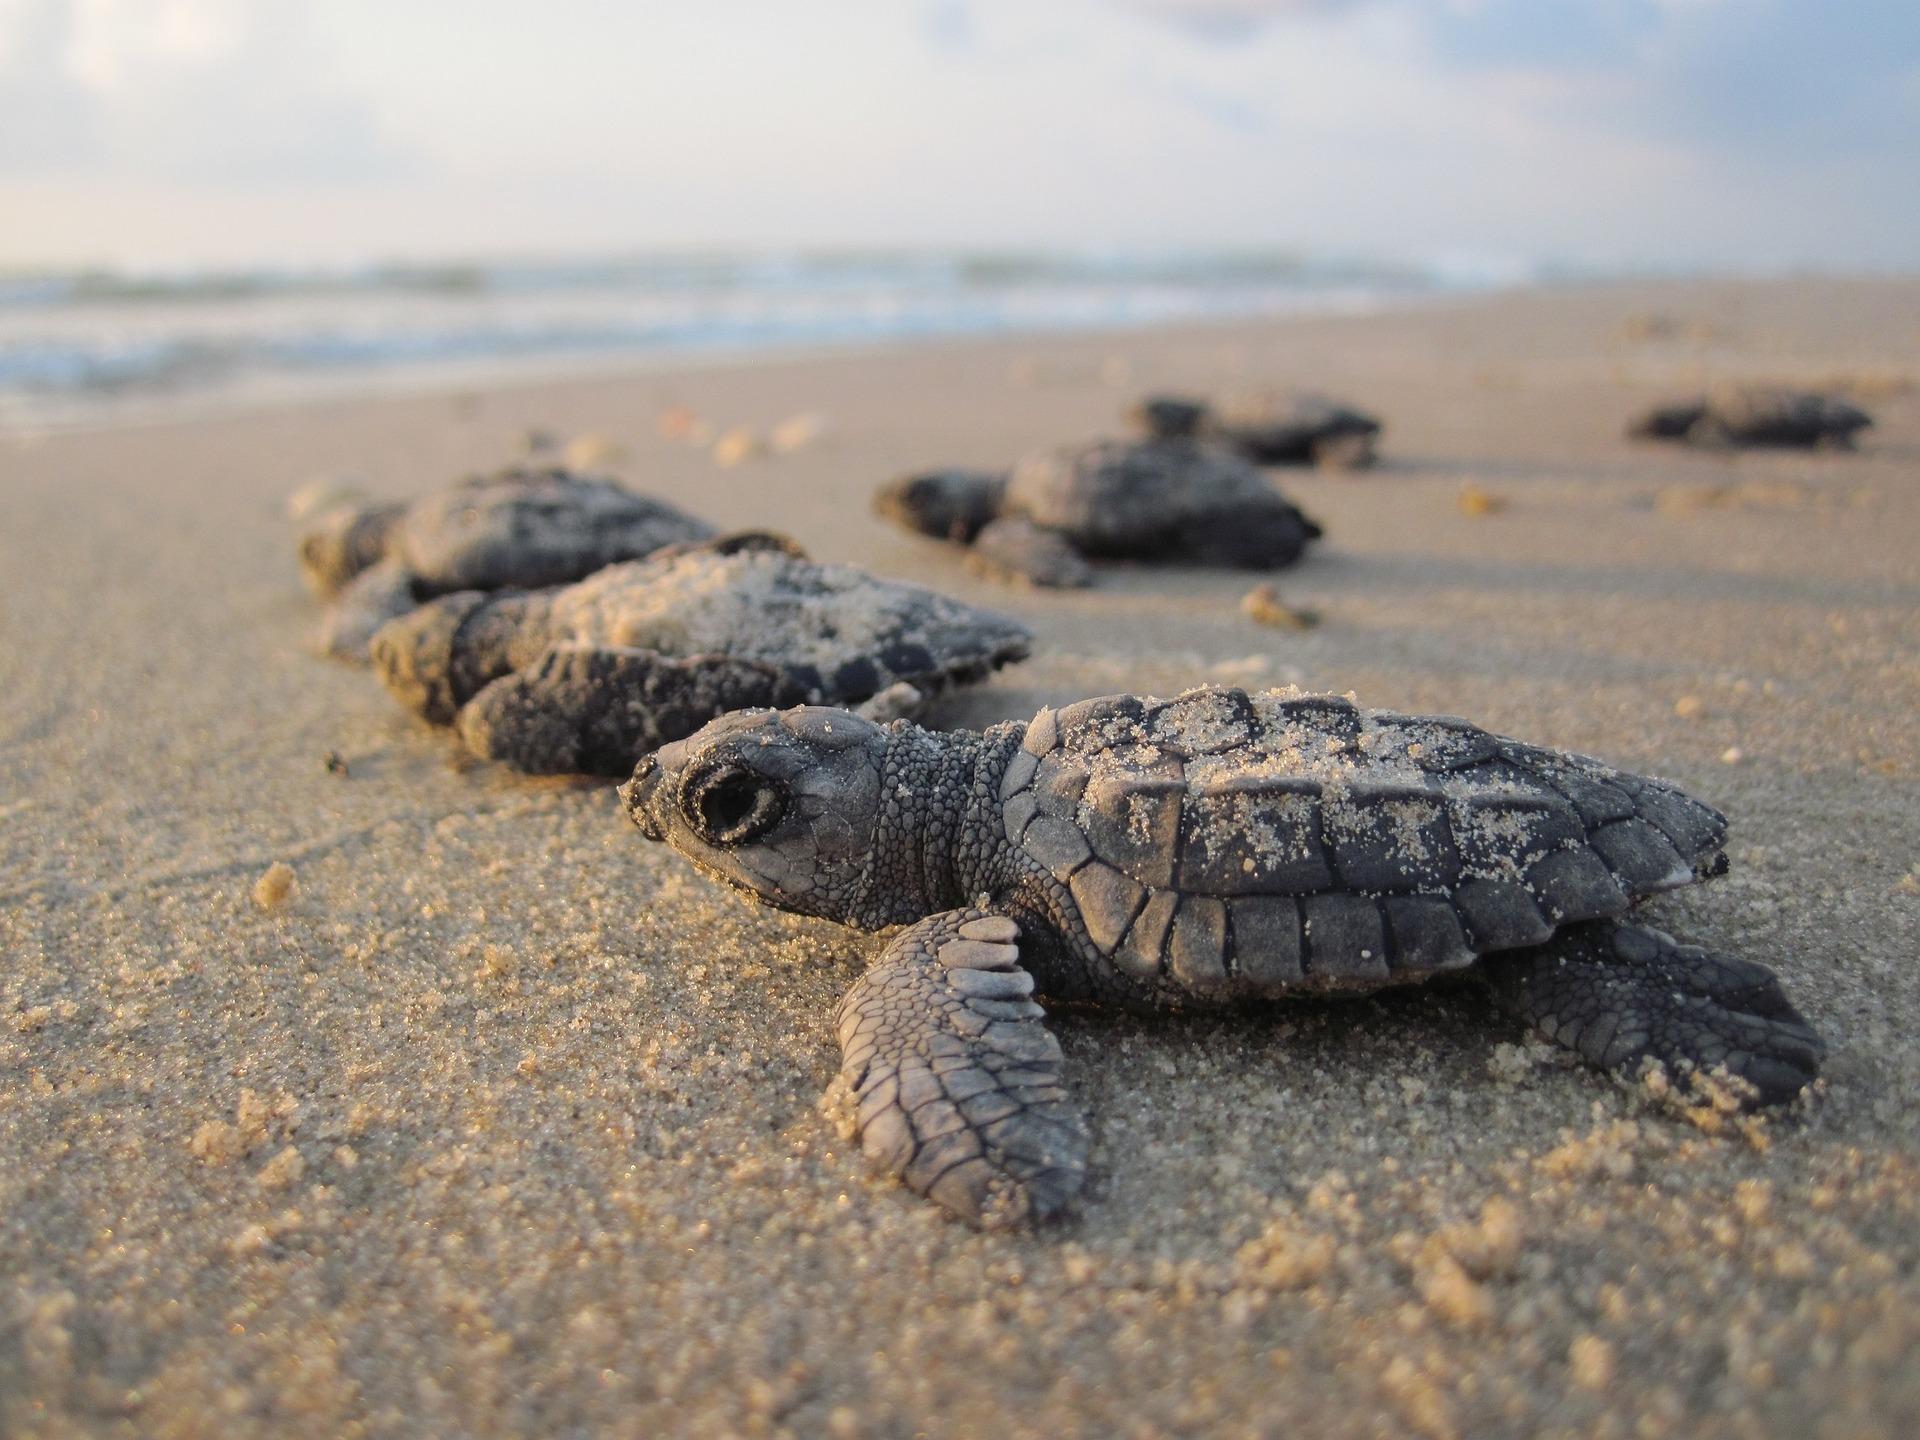 sea-turtles-1503461_1920.jpg